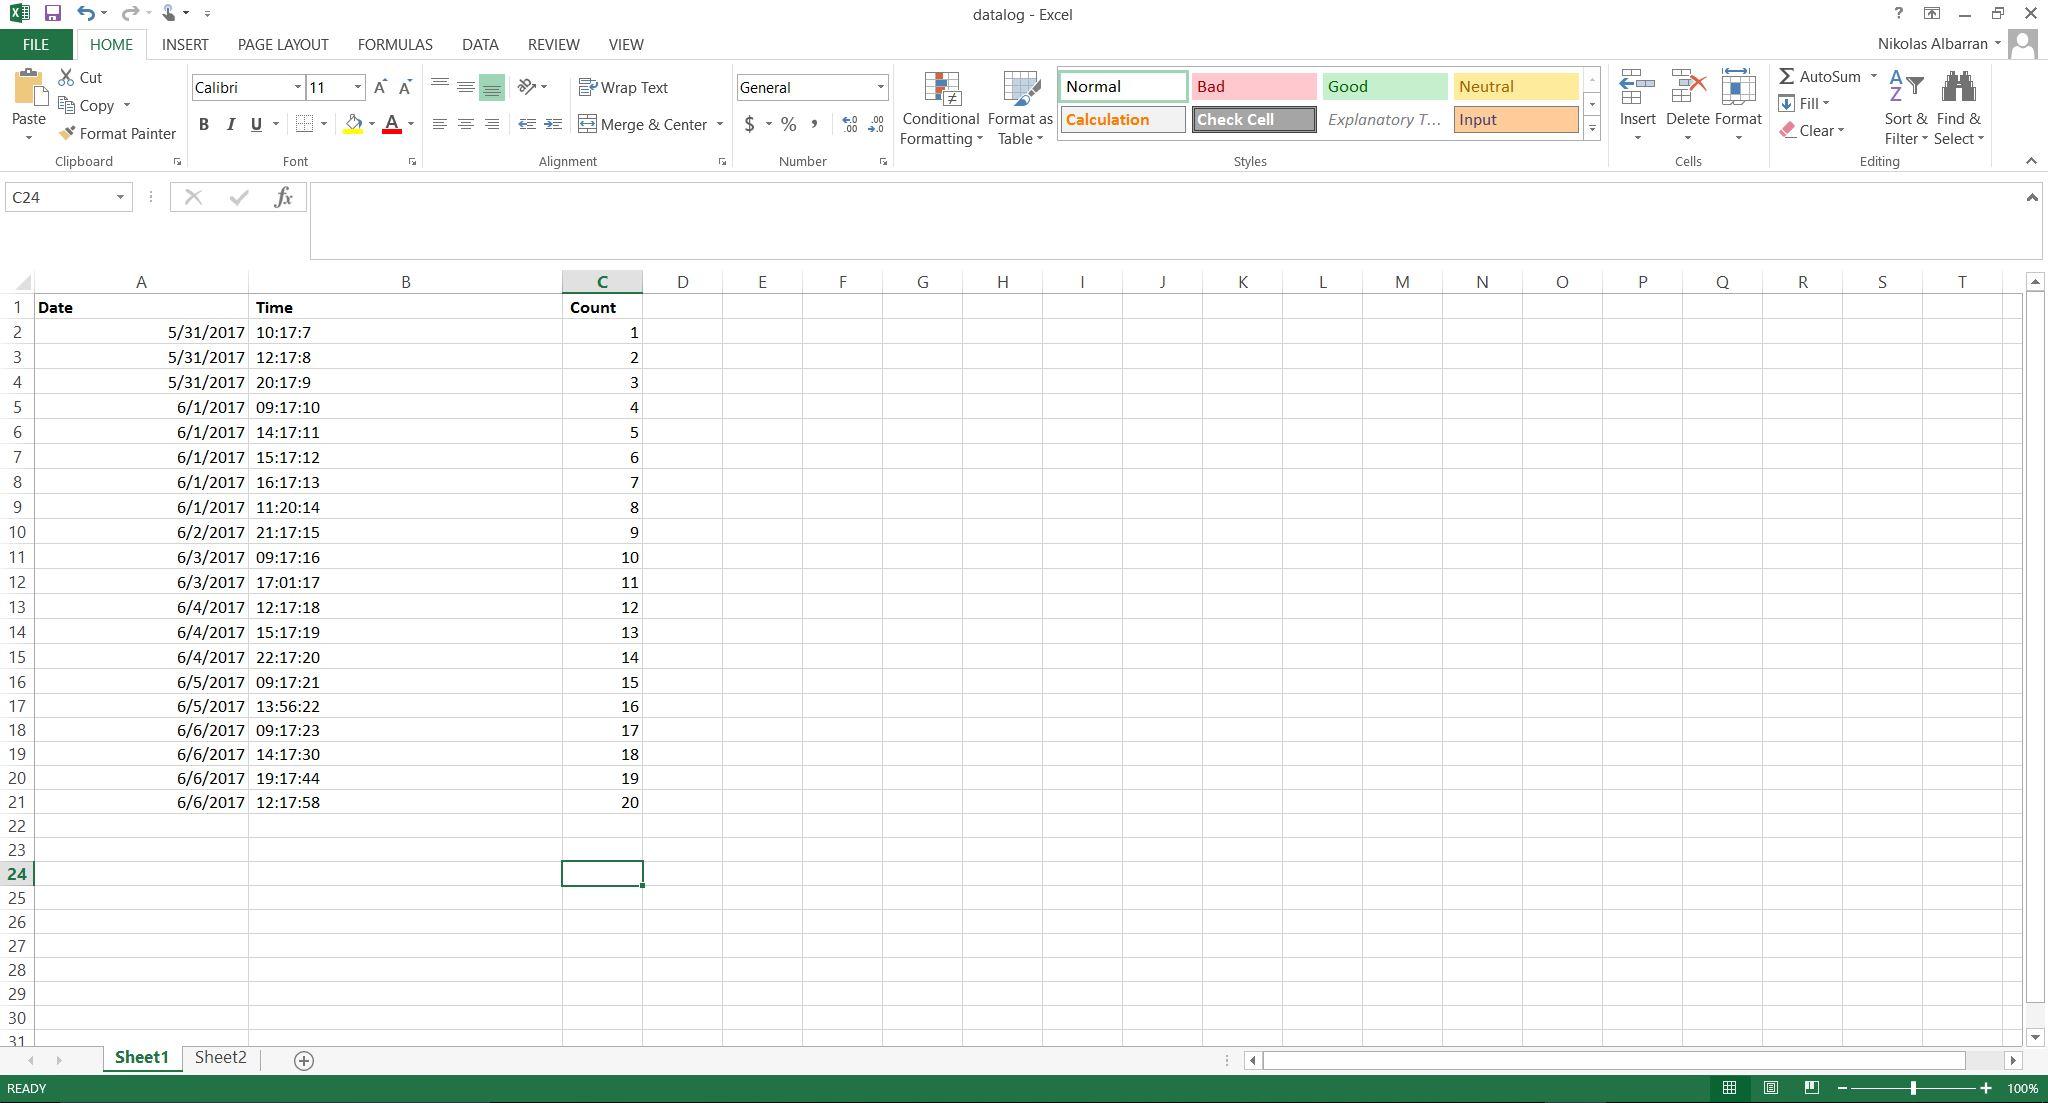 excel_datalog.png